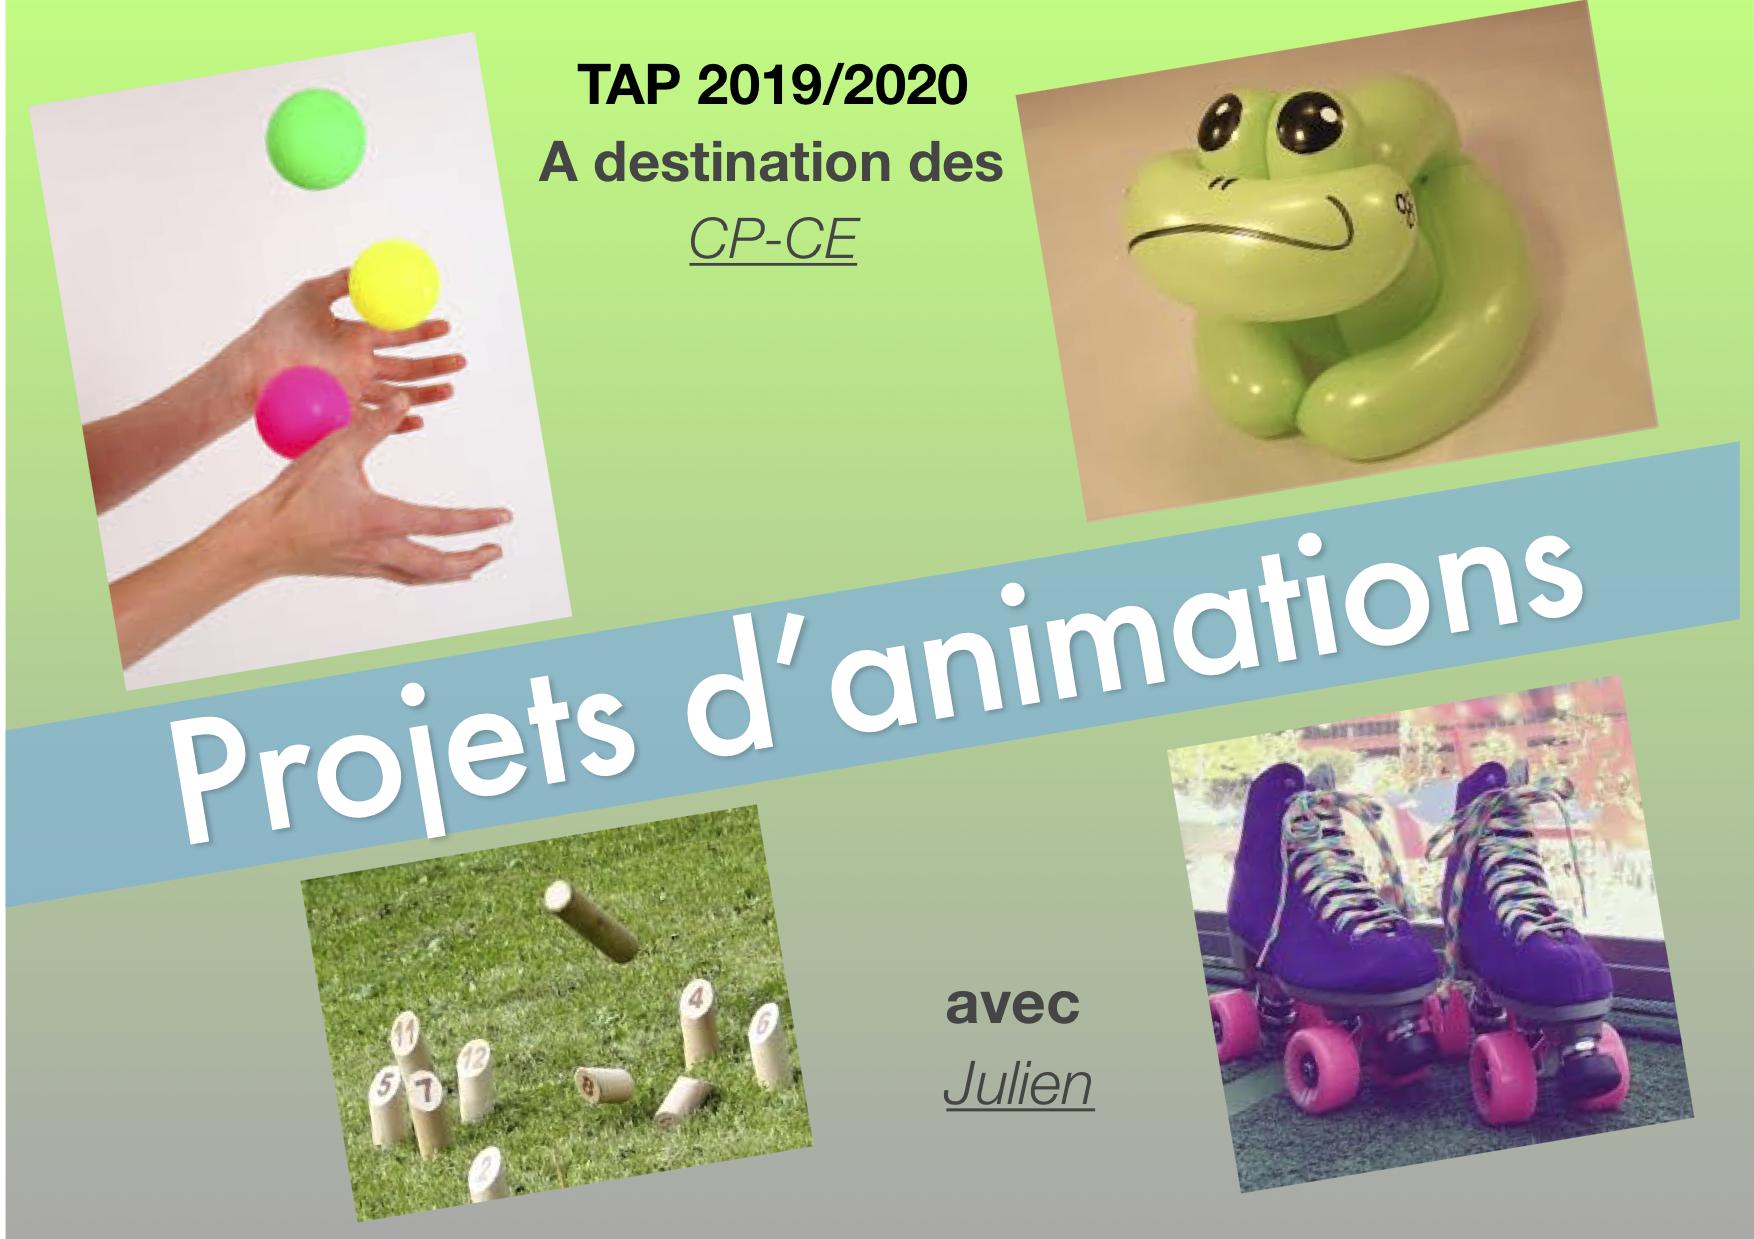 TAP CP-CE Julien